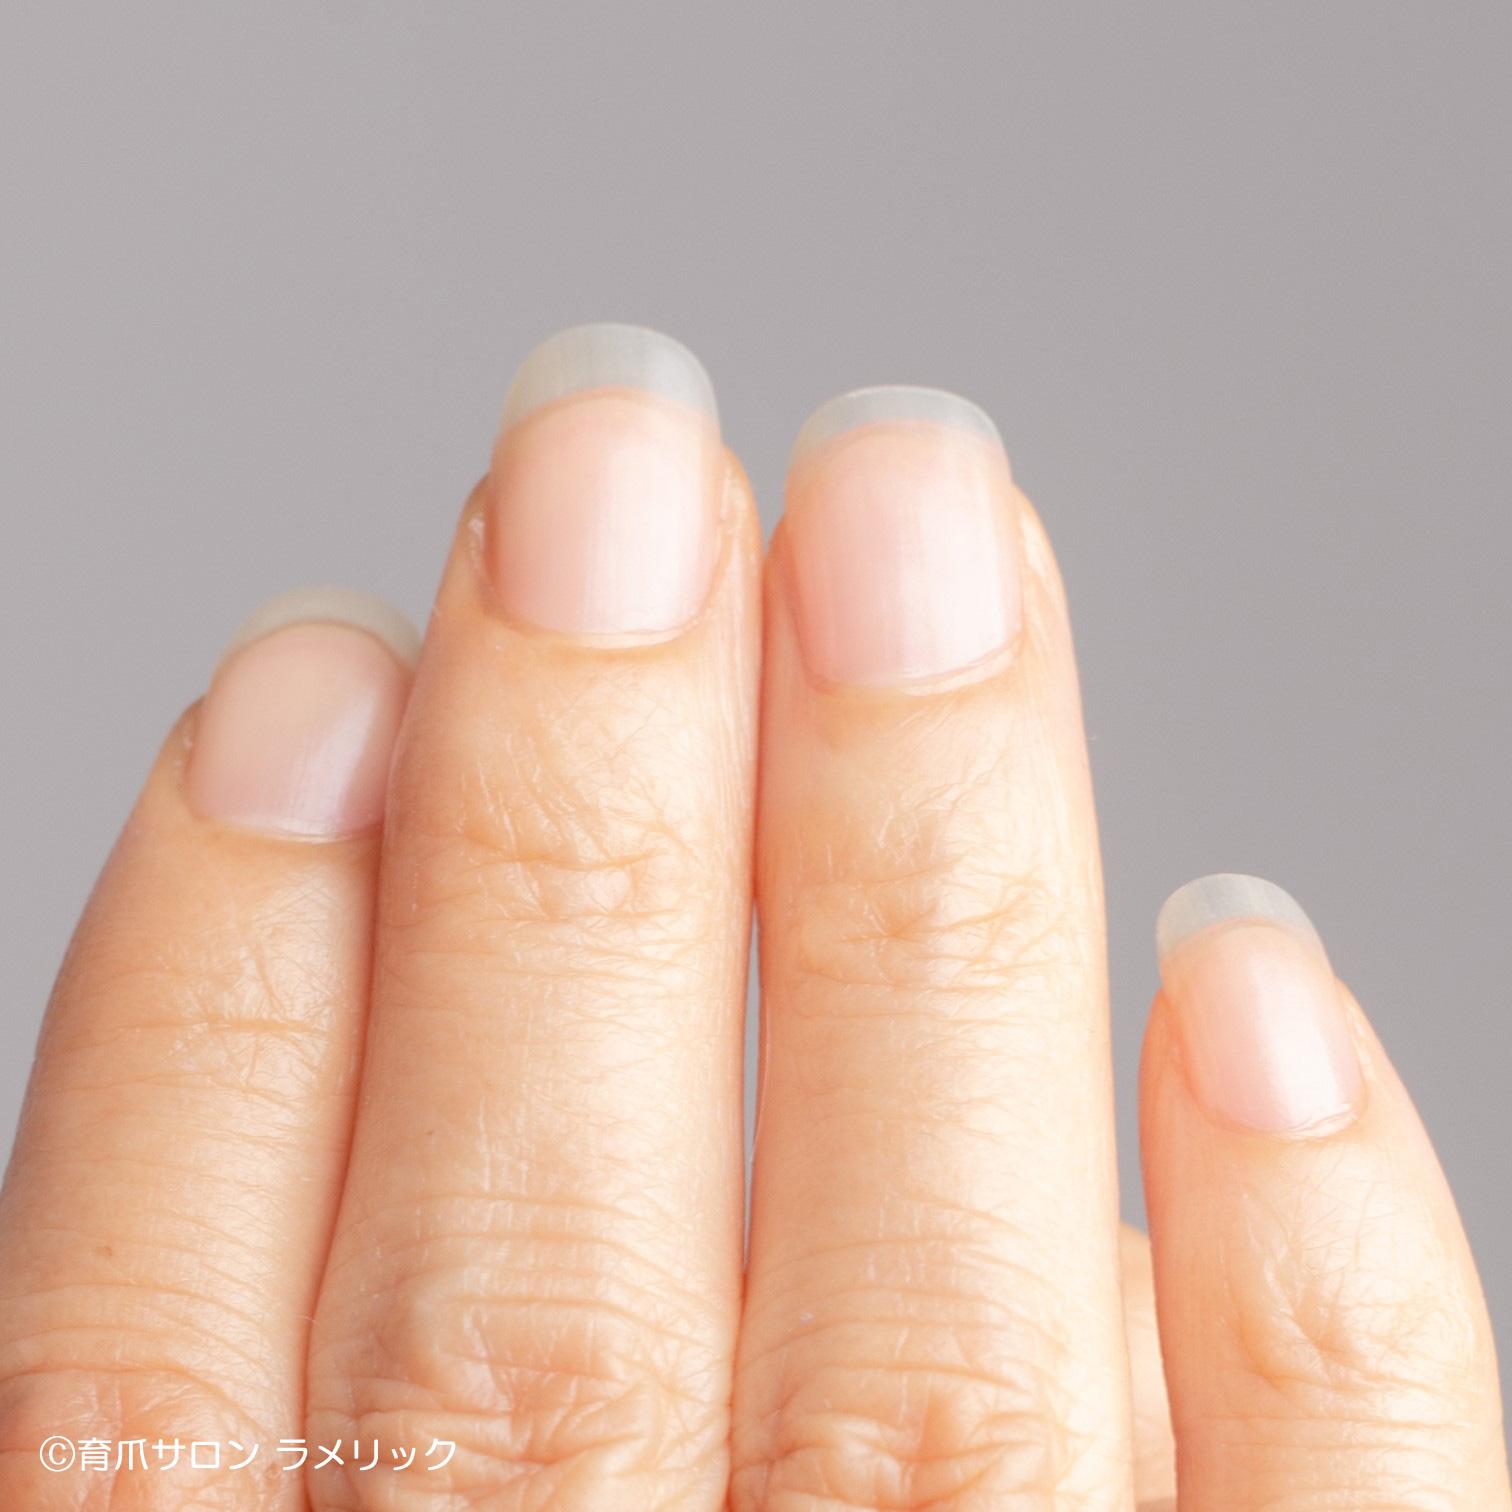 指の先端まで伸びたネイルベッド(ピンクの部分)